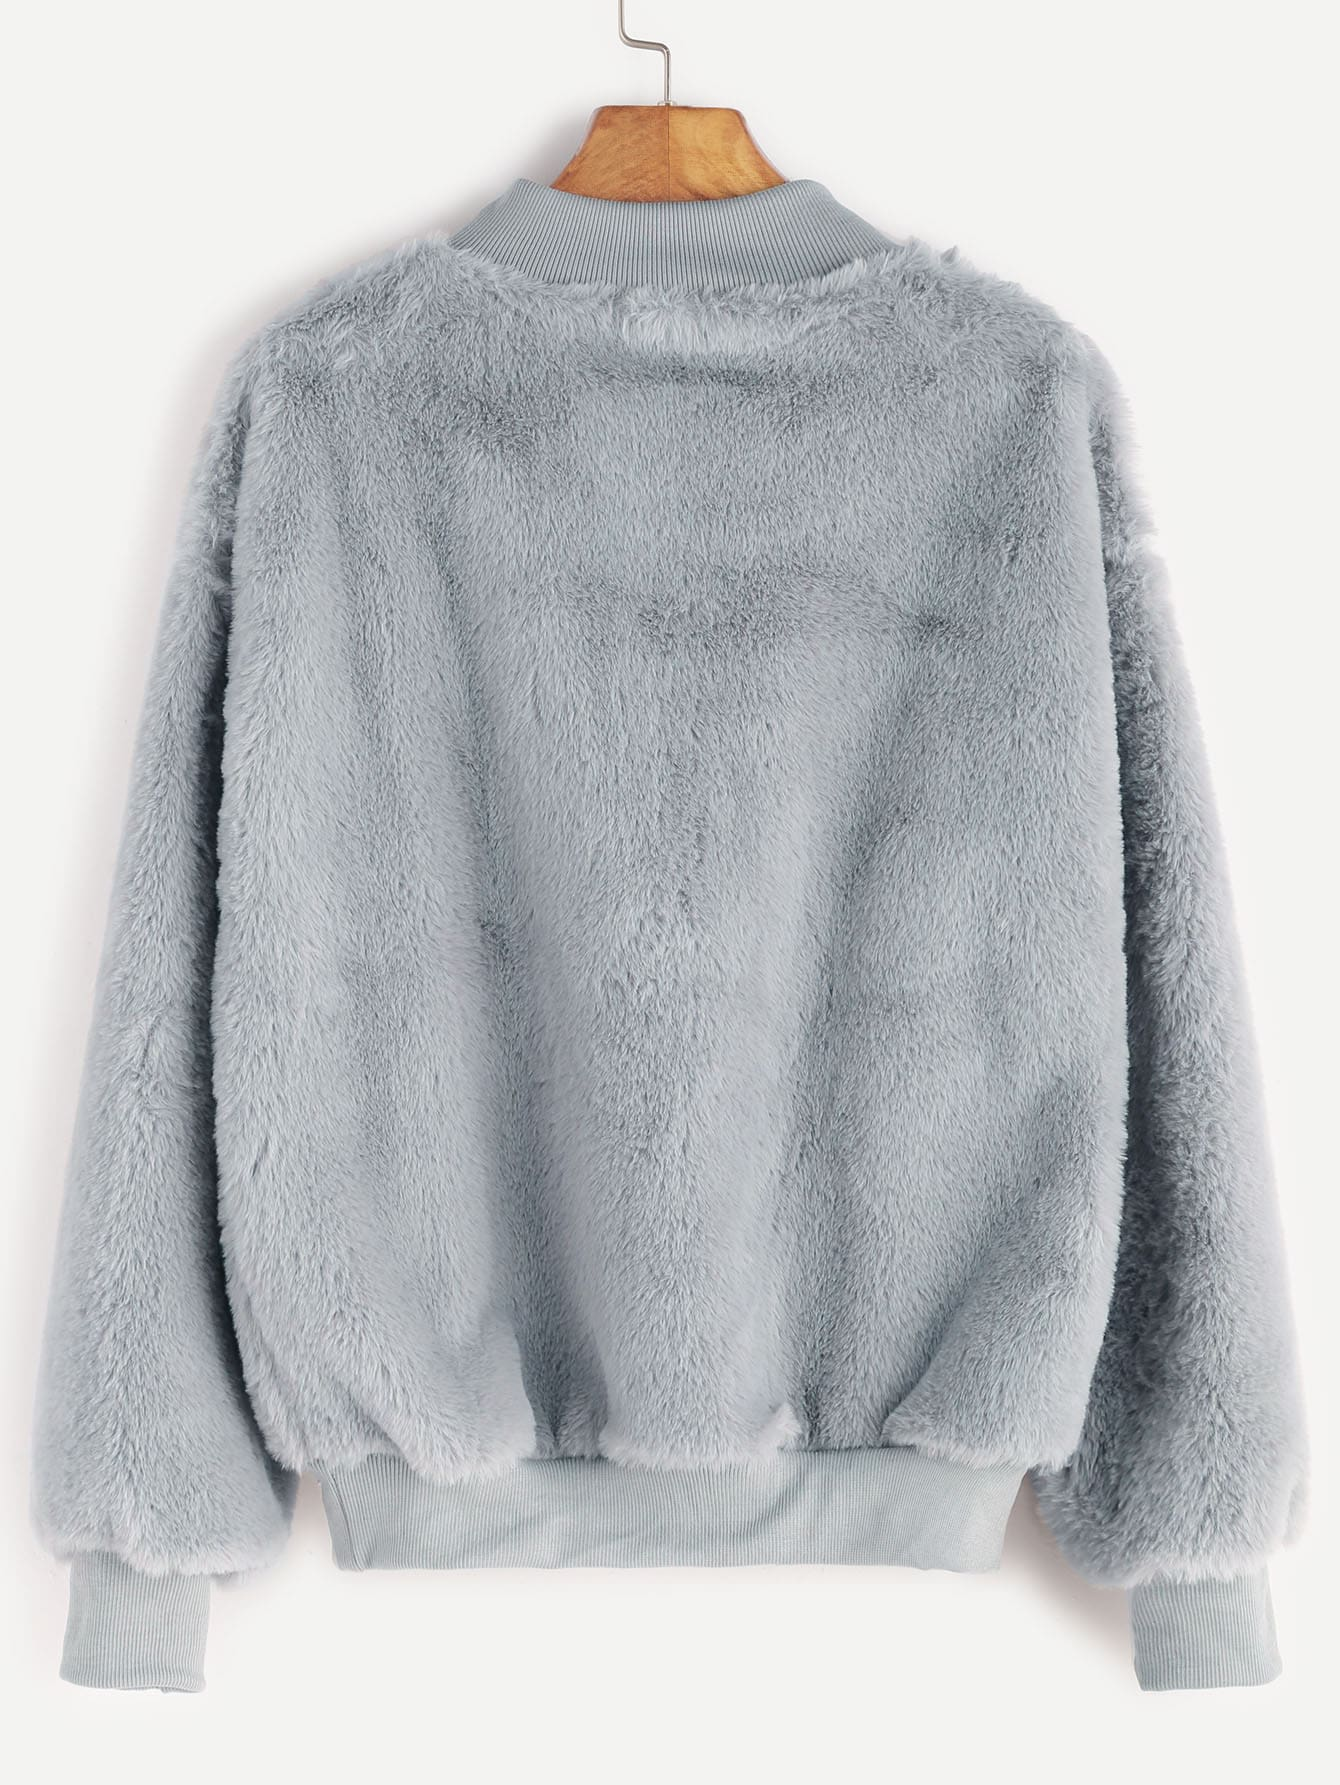 sweatshirt161121108_2